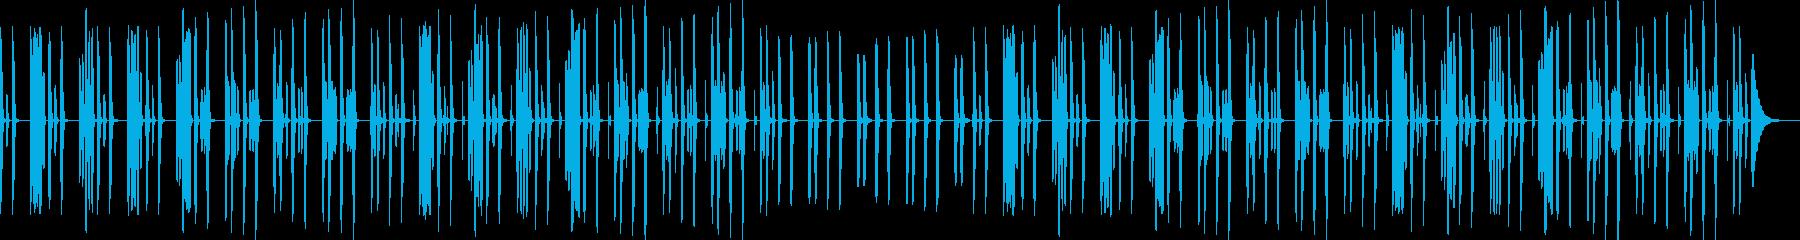 YouTube・リコーダー・ほのぼの日常の再生済みの波形